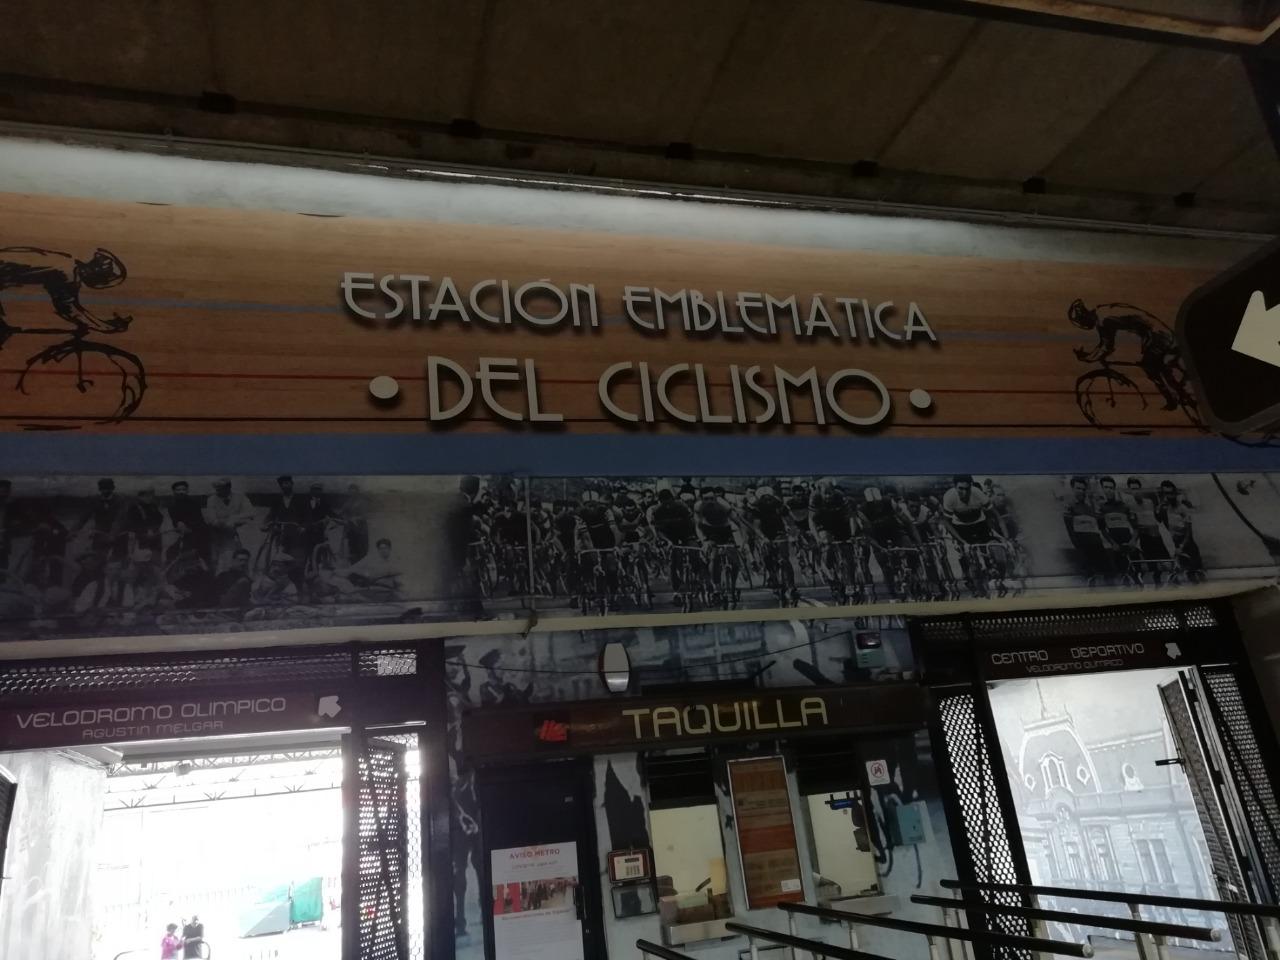 Historias en el metro - Sandalio